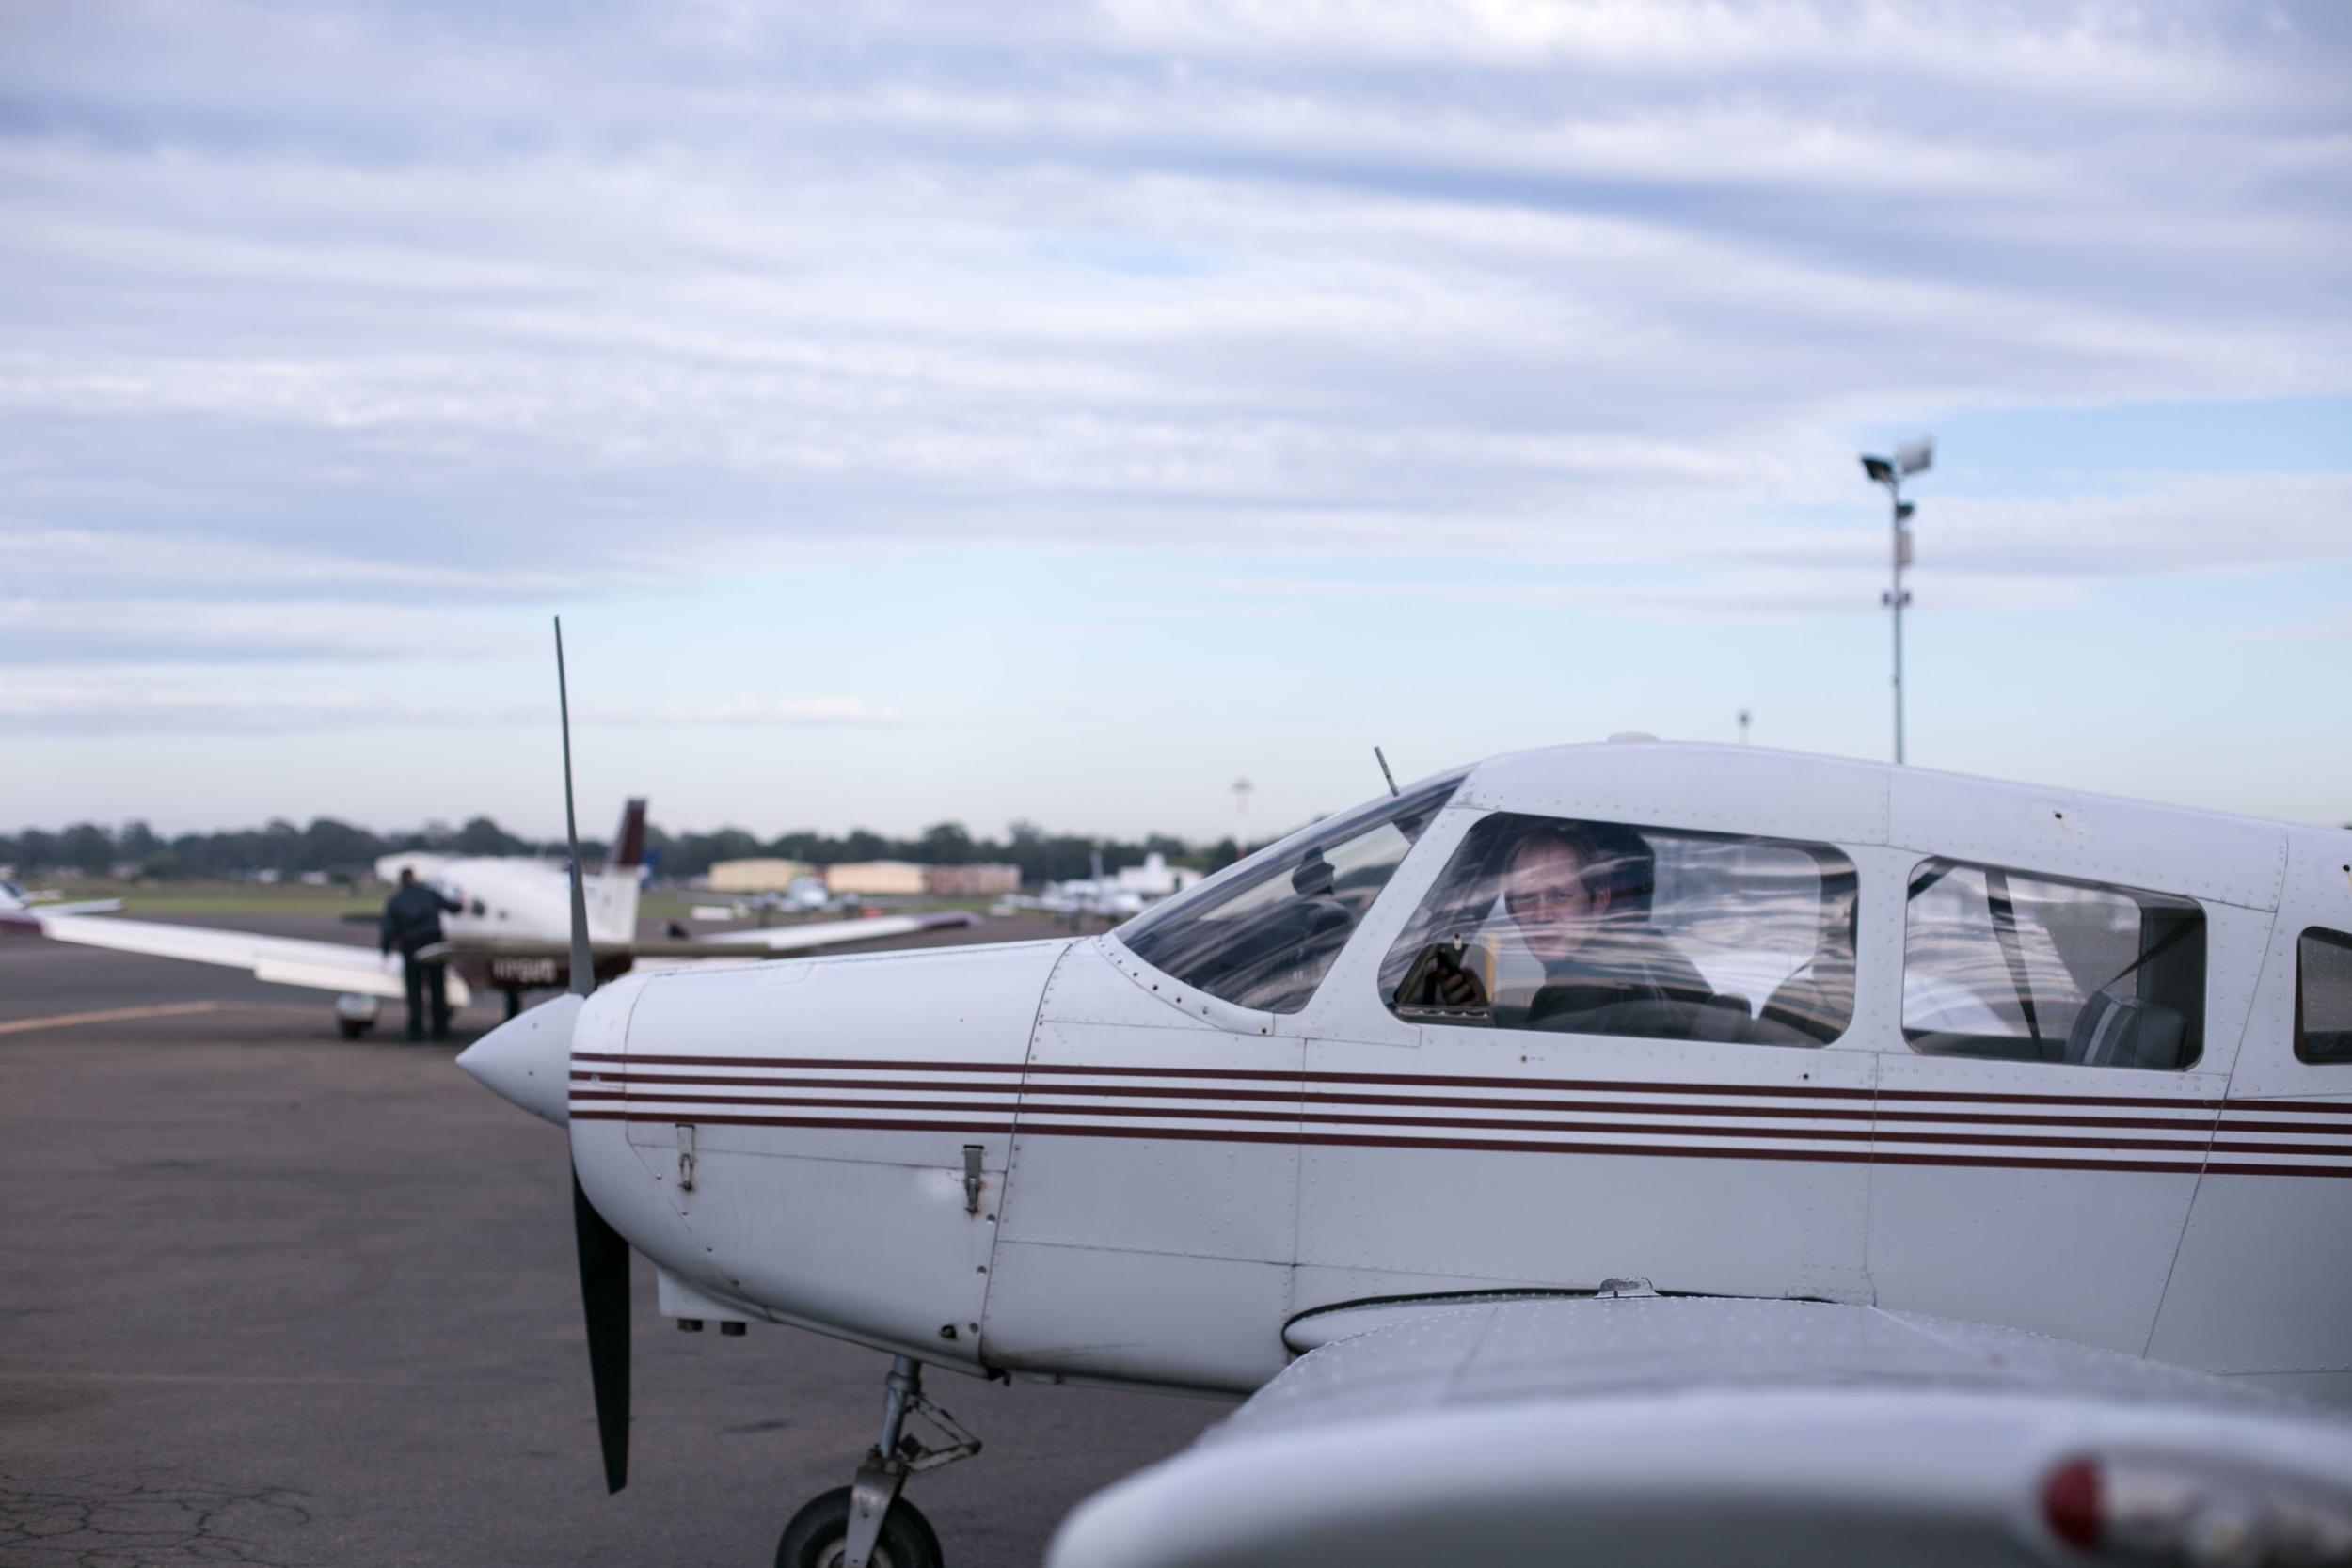 in_venus_Veritas_pilots_BANKSTOWN_AIRPORT-3.jpg